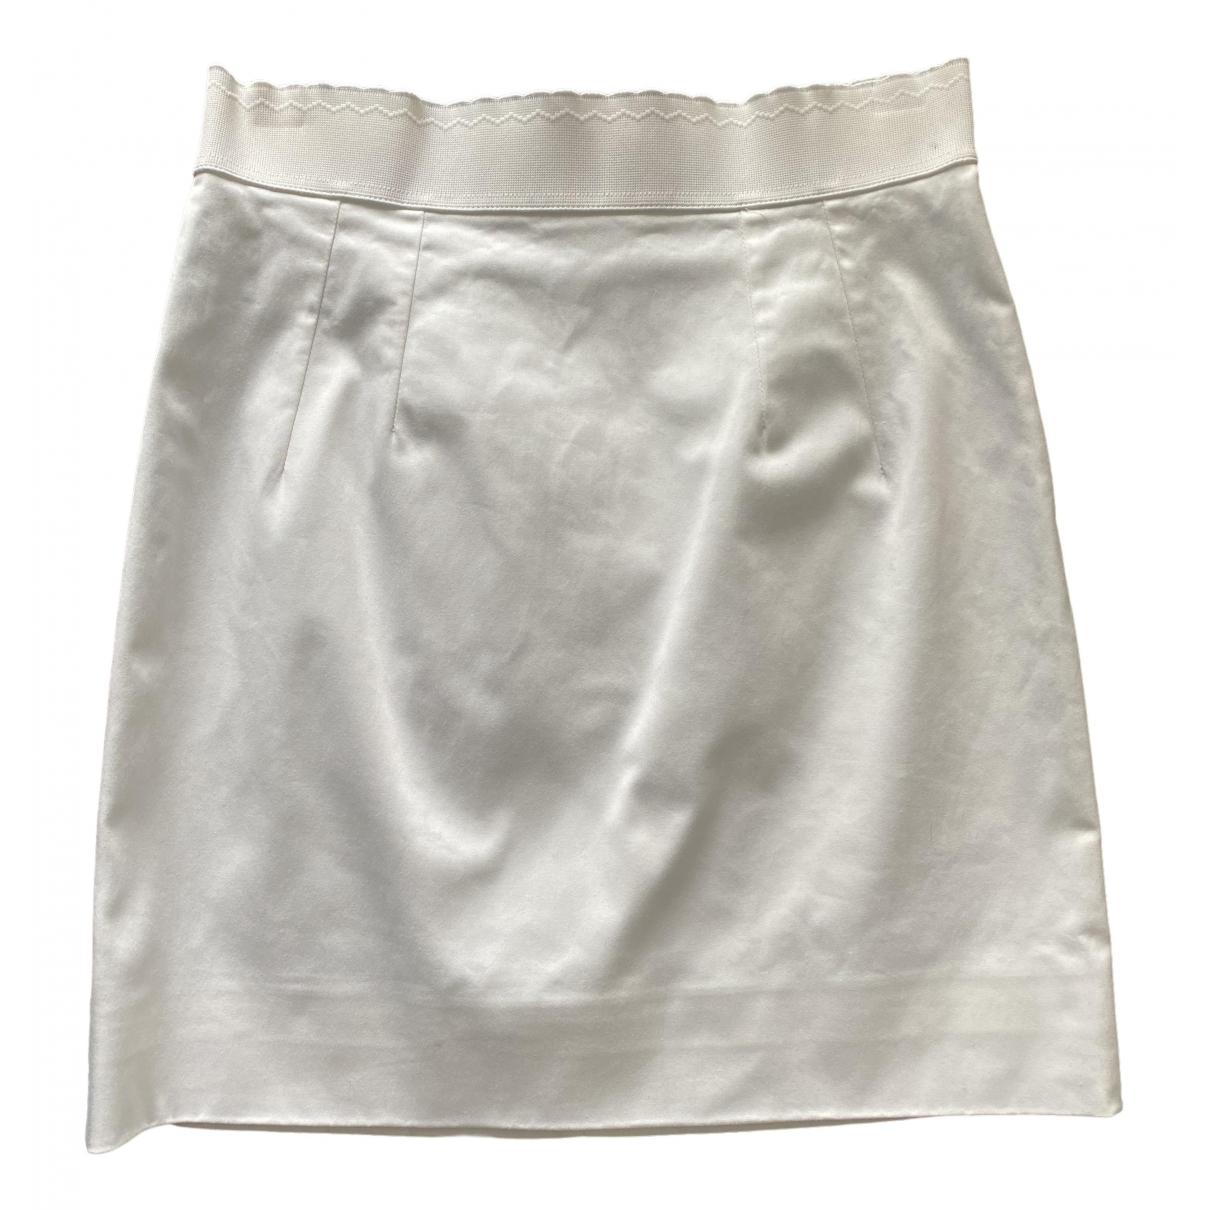 Dolce & Gabbana \N White Cotton - elasthane skirt for Women 40 IT